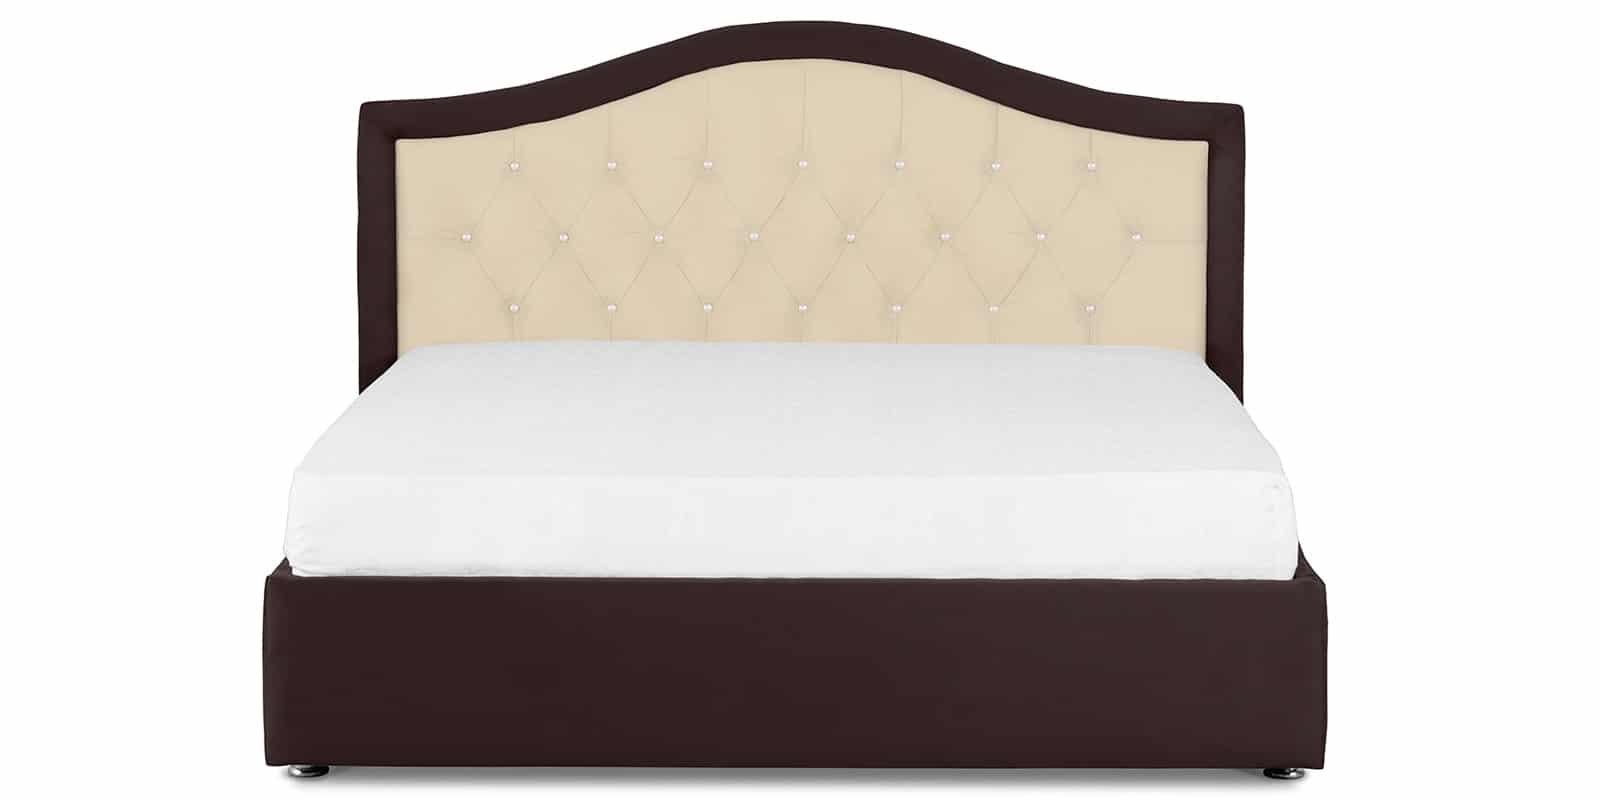 Мягкая кровать Малибу 160см экокожа бежевый-шоколад вариант 9-2 фото 2 | интернет-магазин Складно